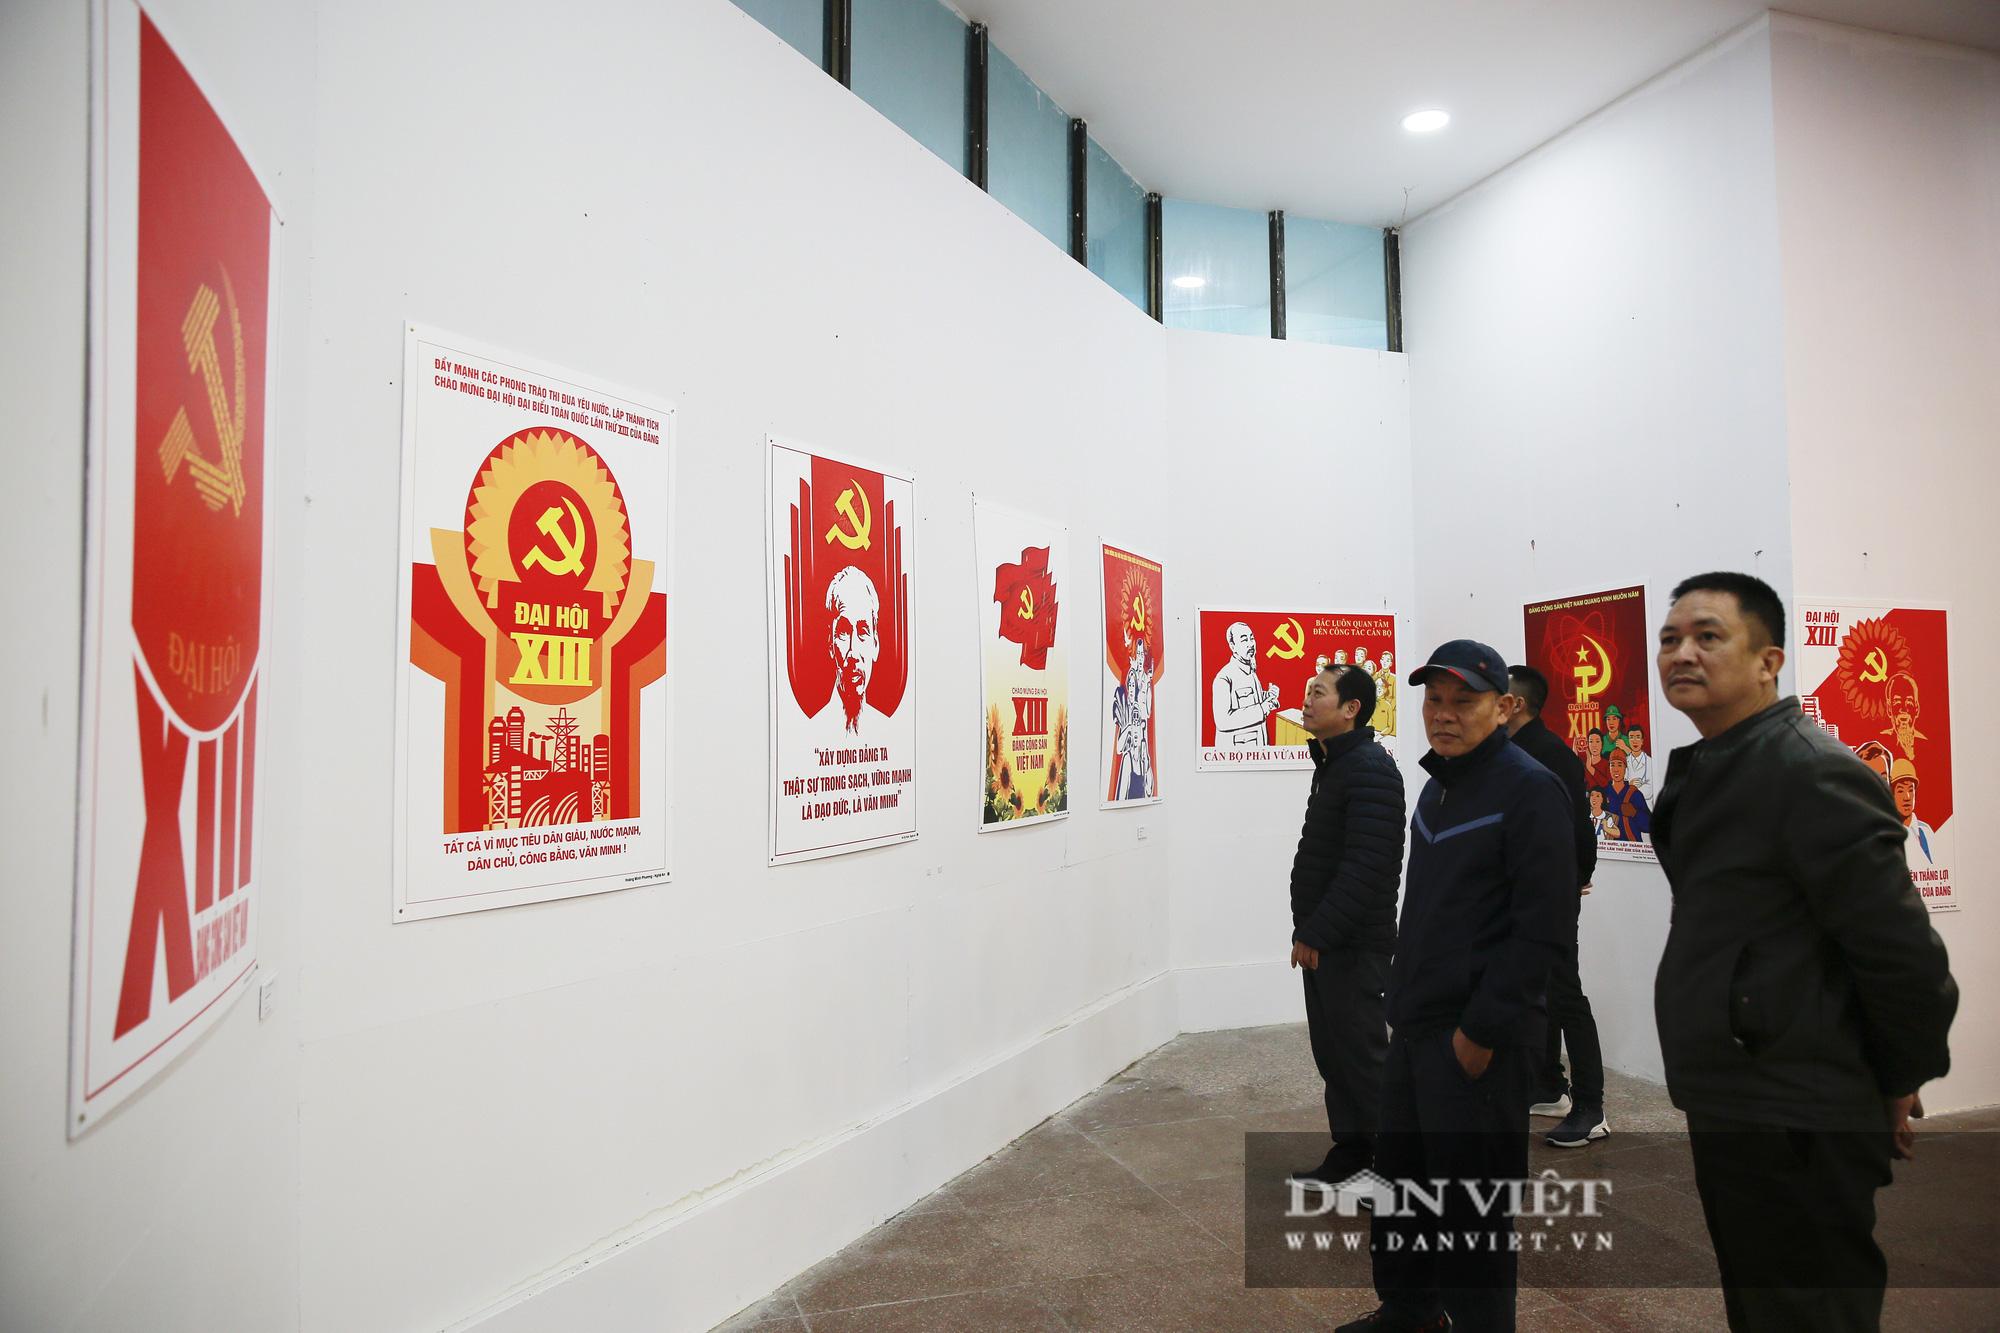 """Cận cảnh những tư liệu quý và khí tài quân sự Việt Nam tại triển lãm """"Đảng ta thật là vĩ đại"""" - Ảnh 2."""